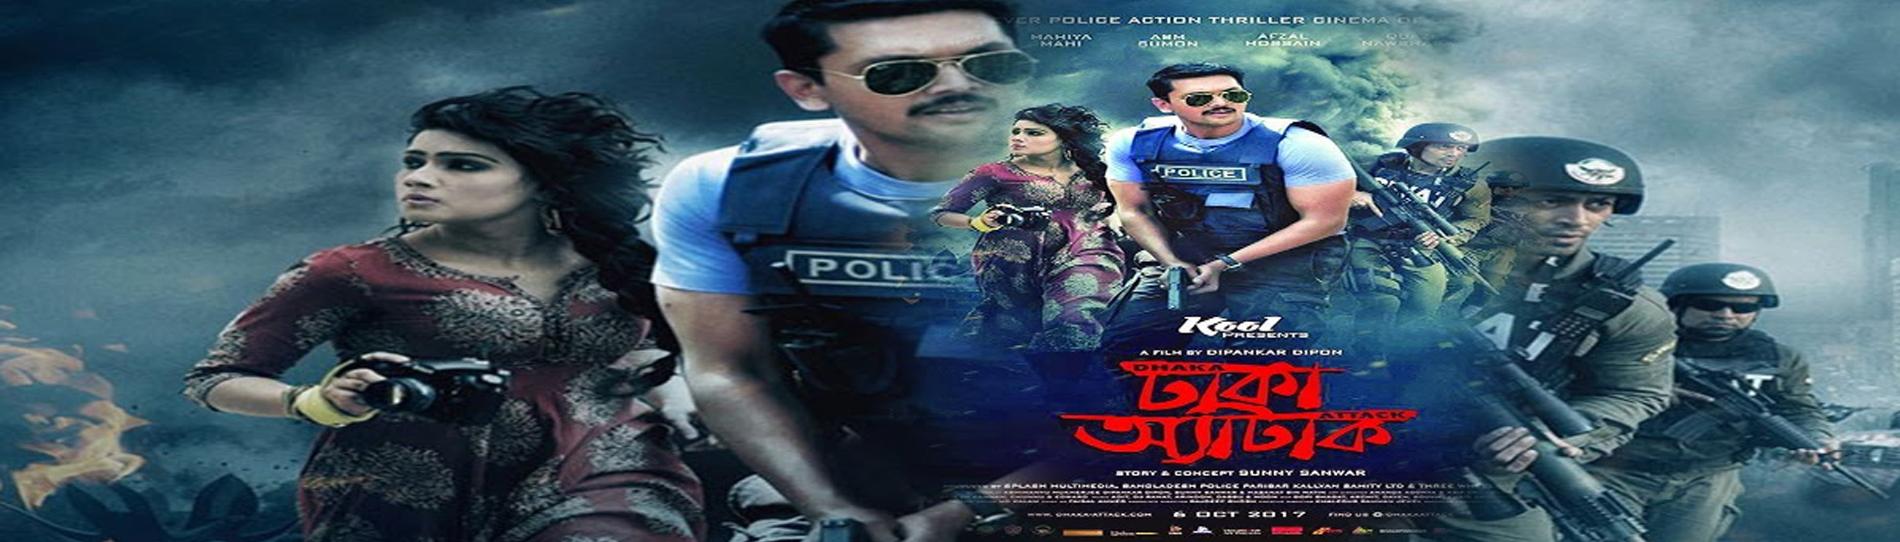 EventMozo Dhaka Attack Movie Premiere Bay Area